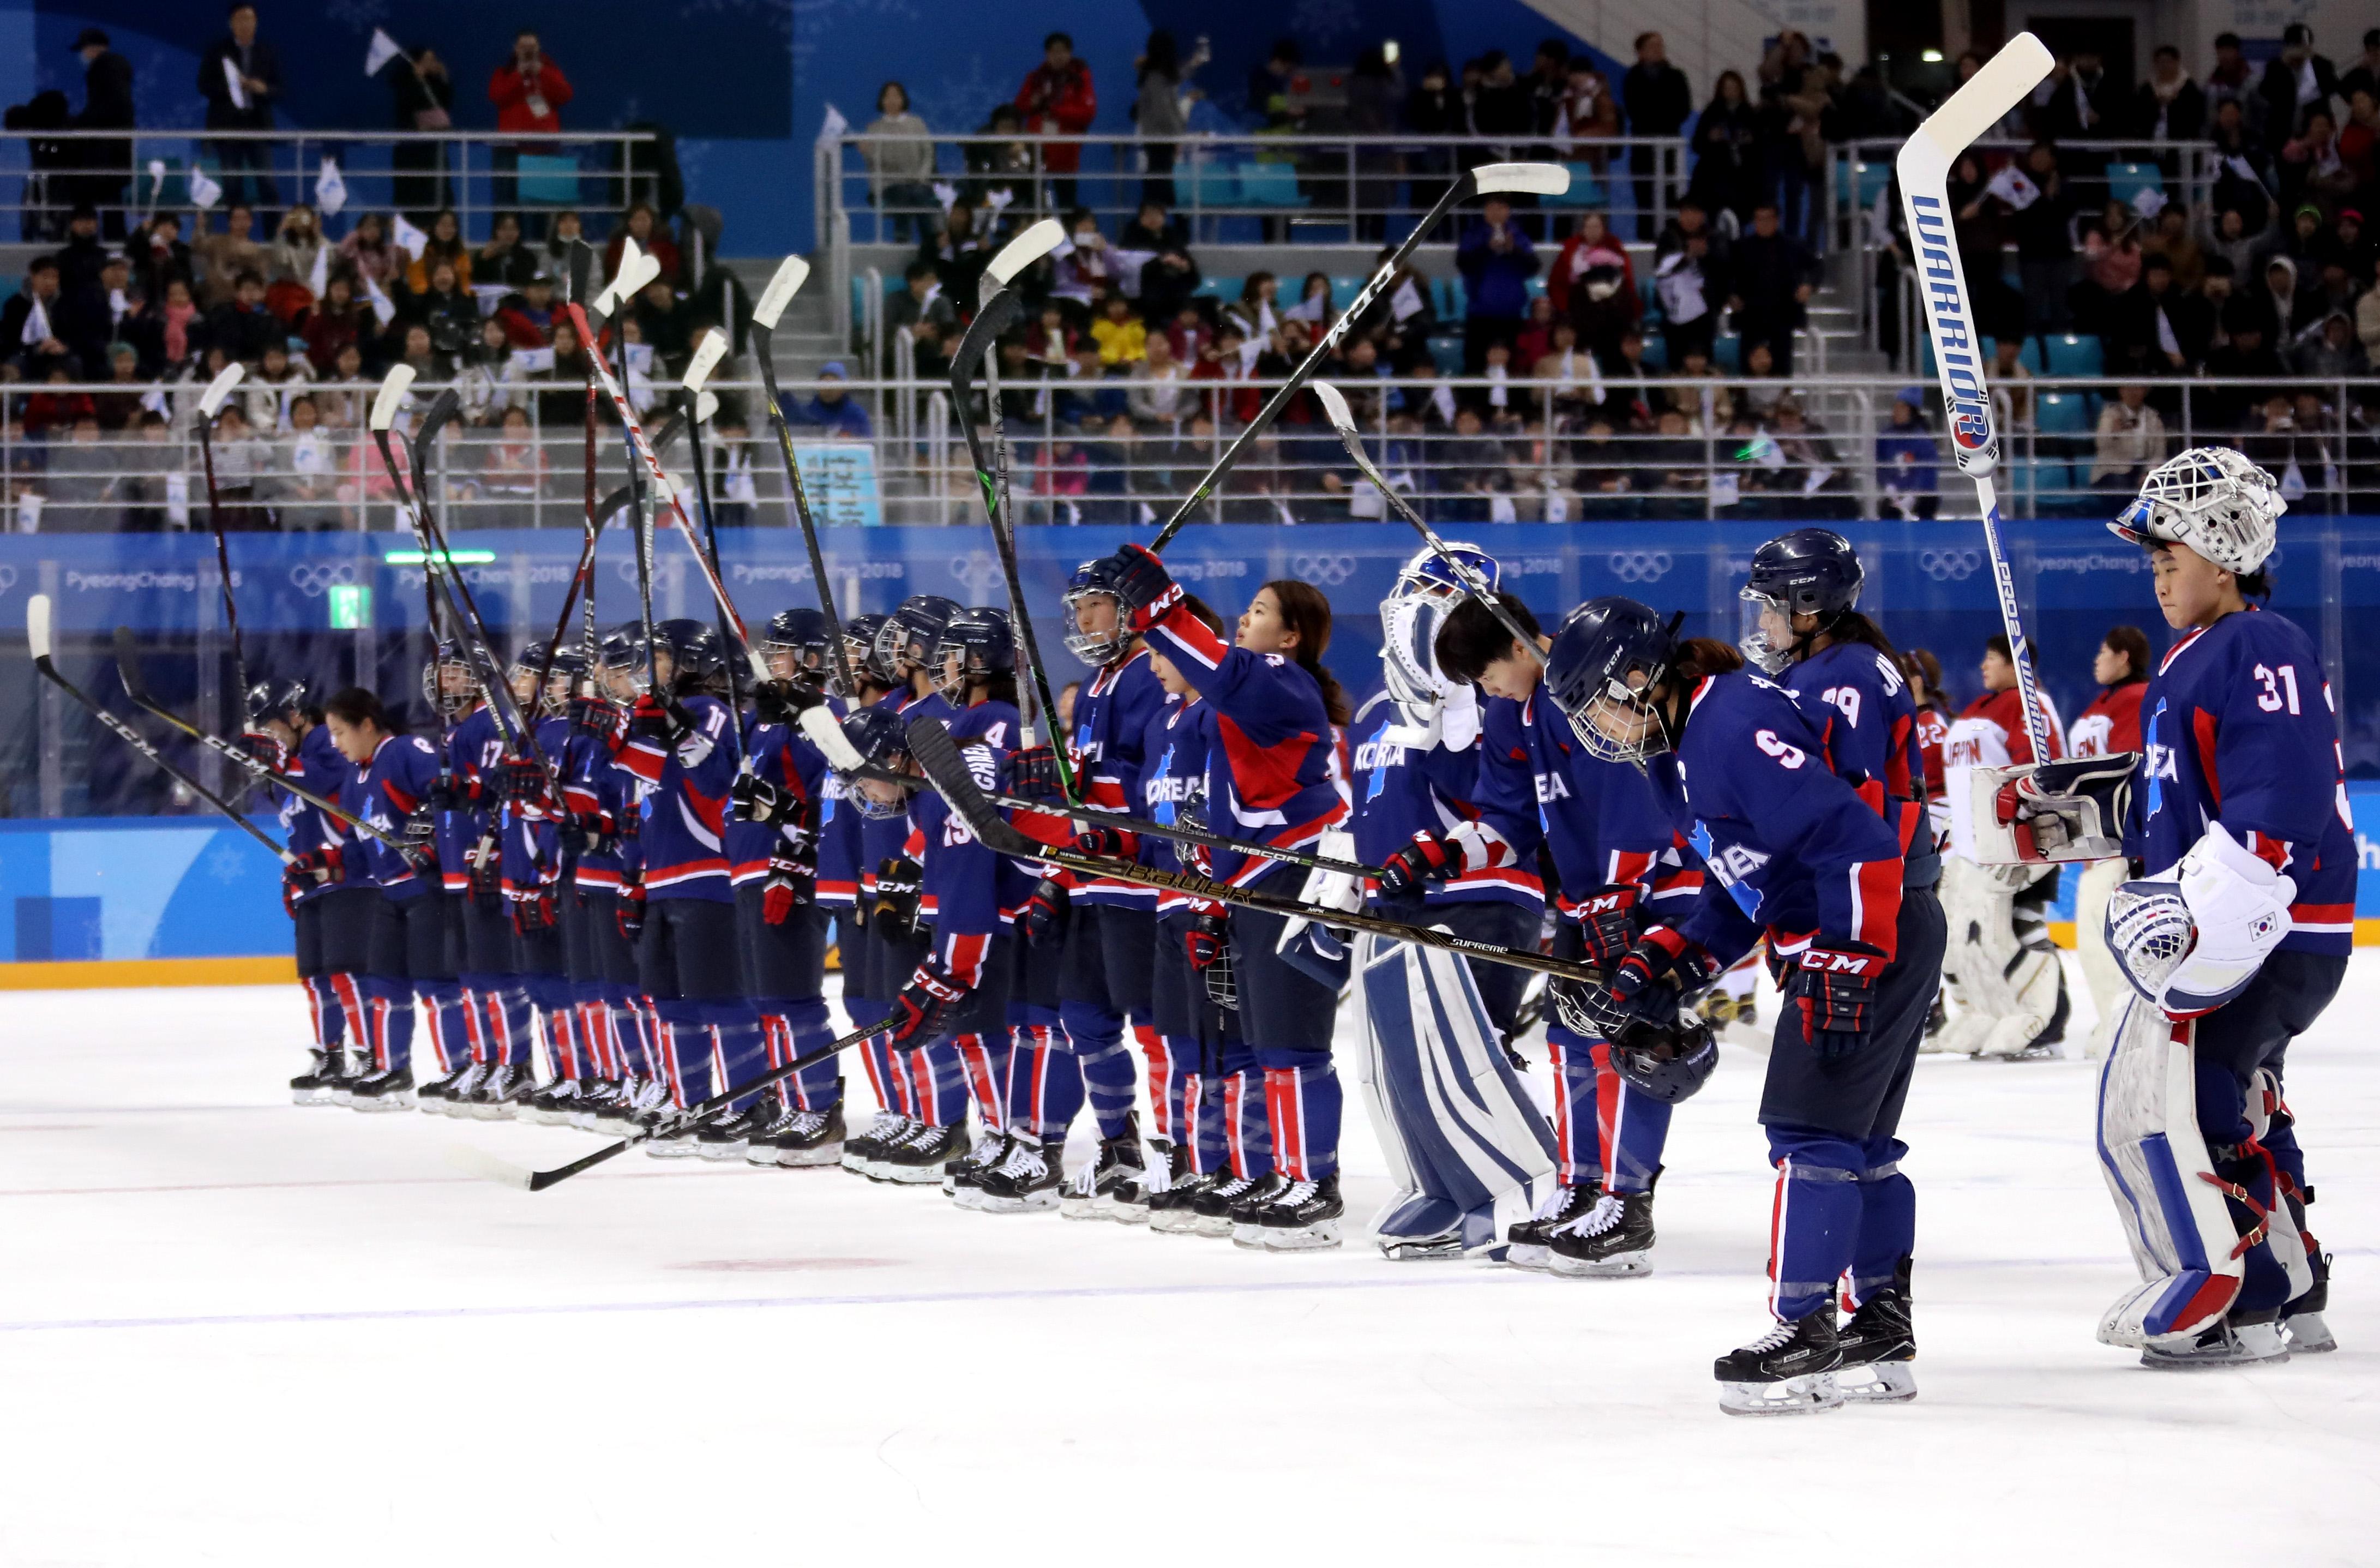 Ice Hockey - Winter Olympics Day 5 - Korea v Japan